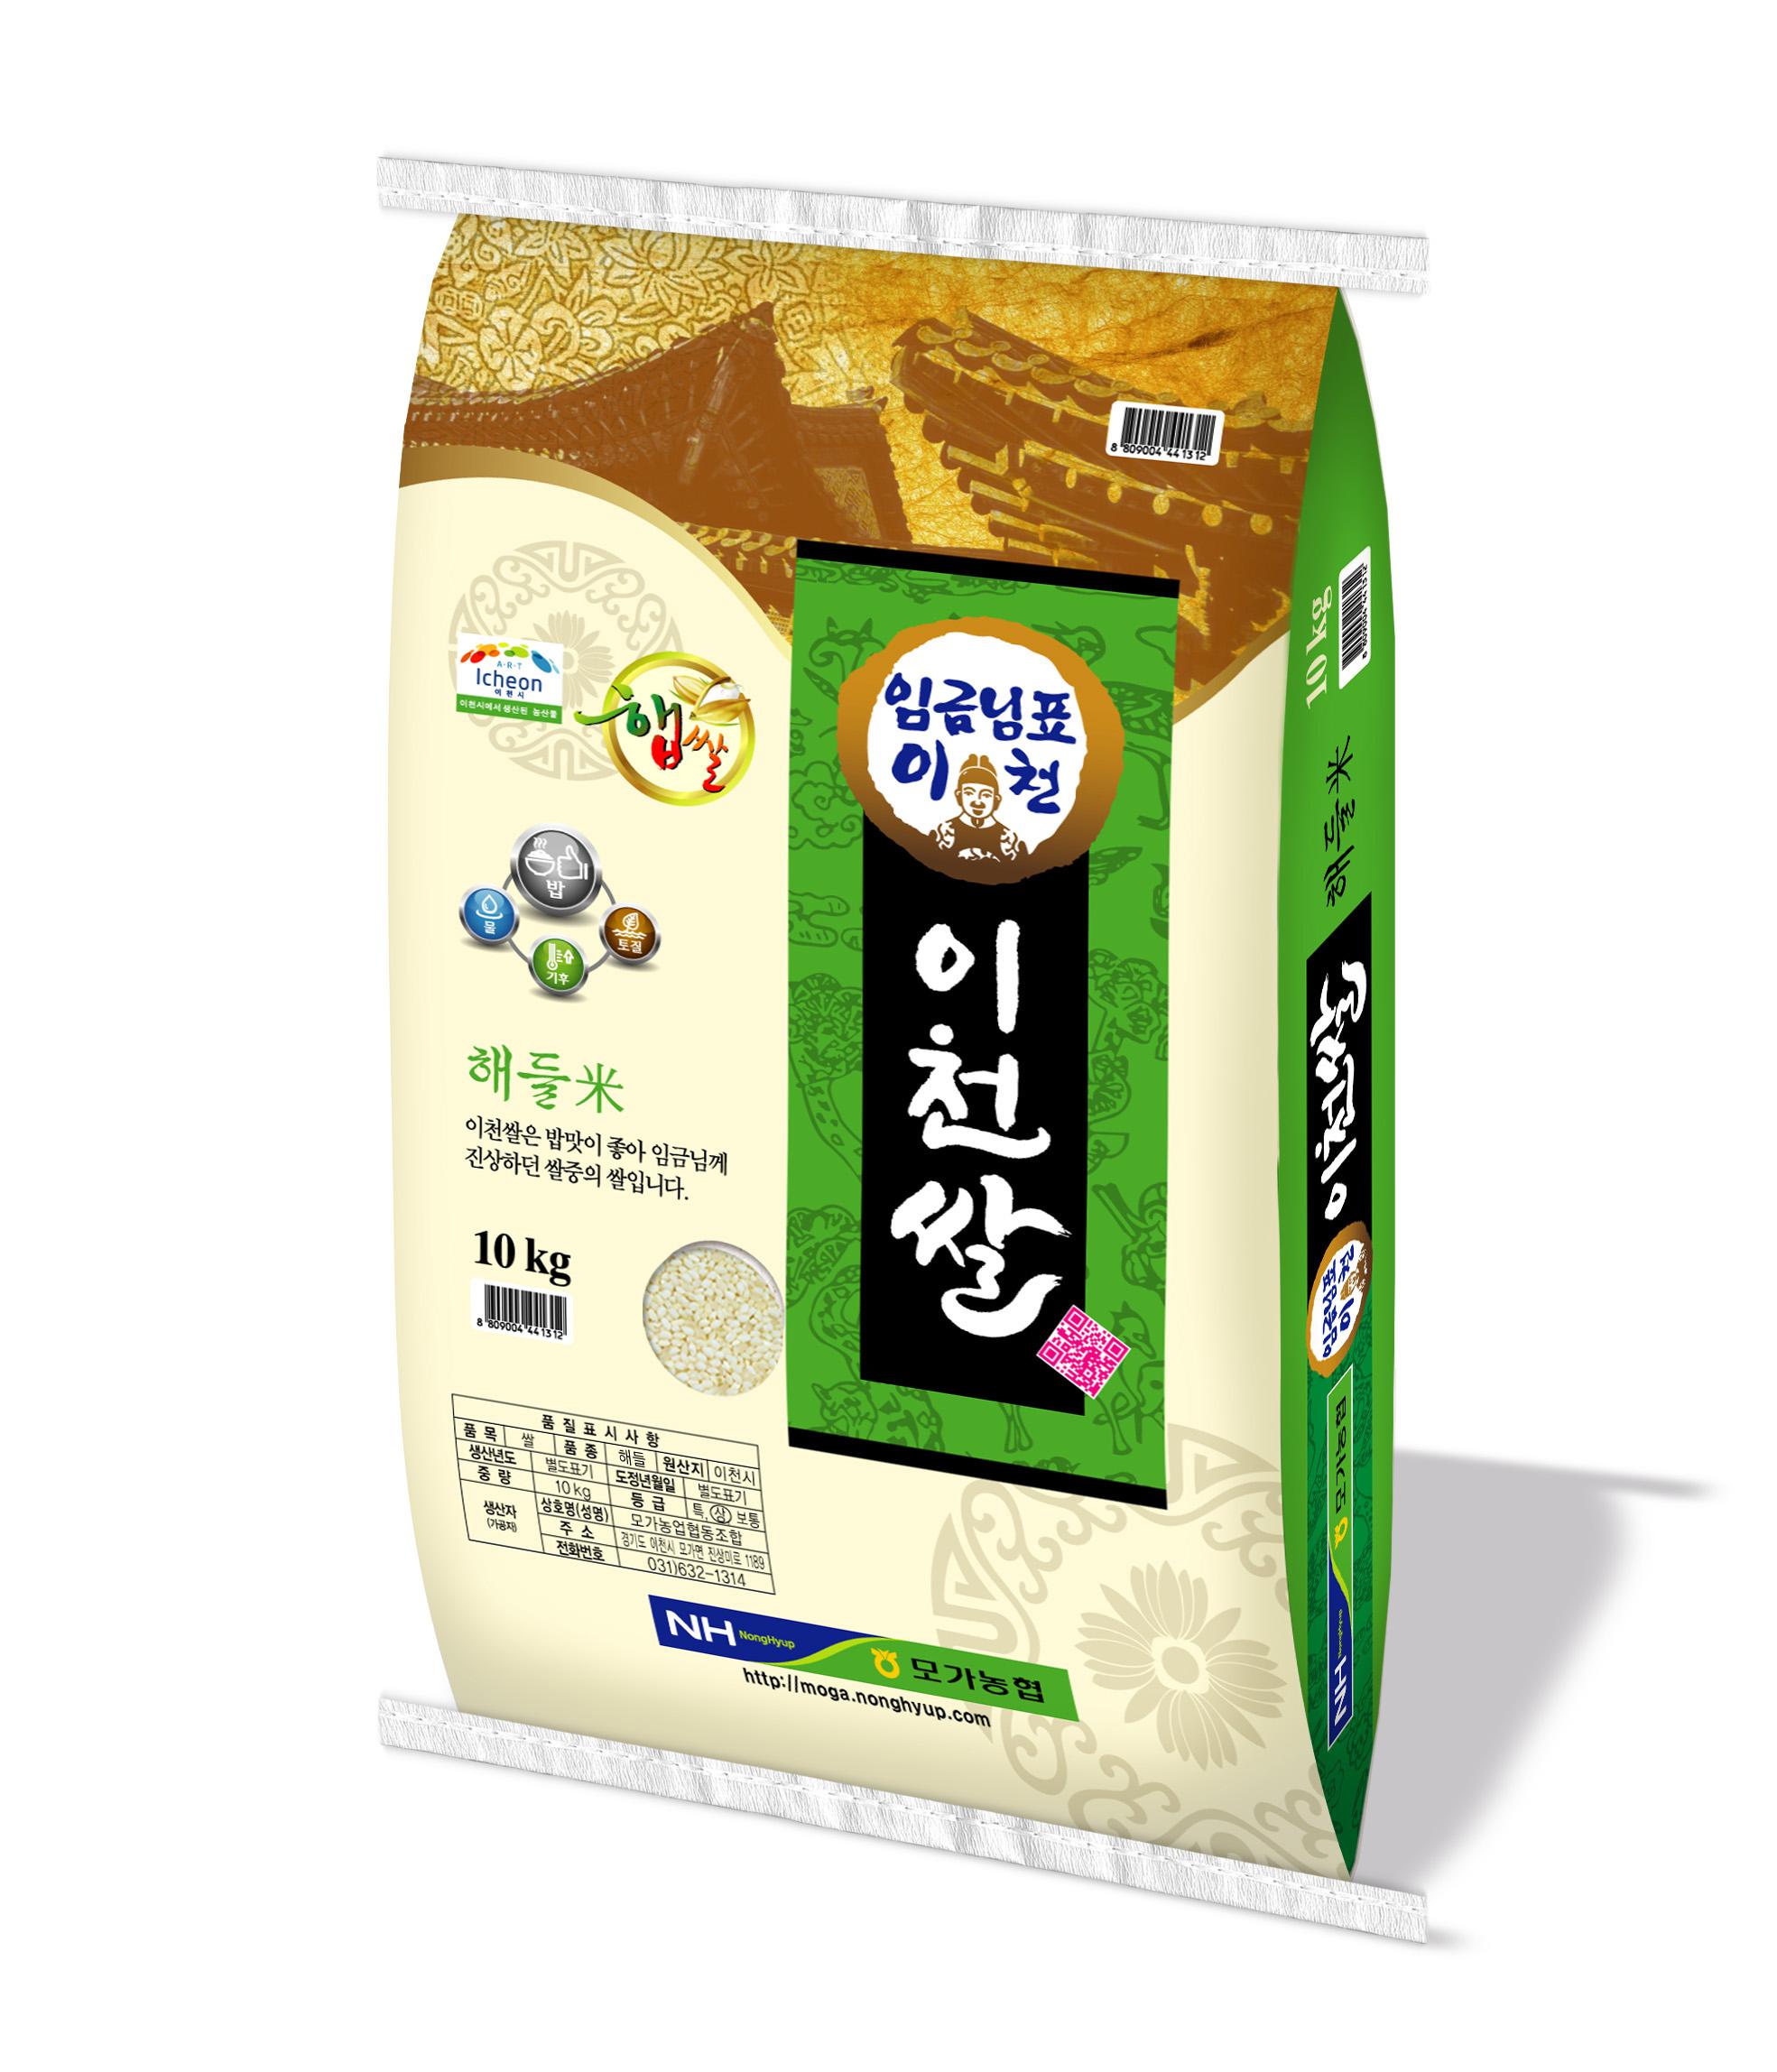 농협 2020년 햅쌀 임금님표 이천쌀, 10kg, 1개